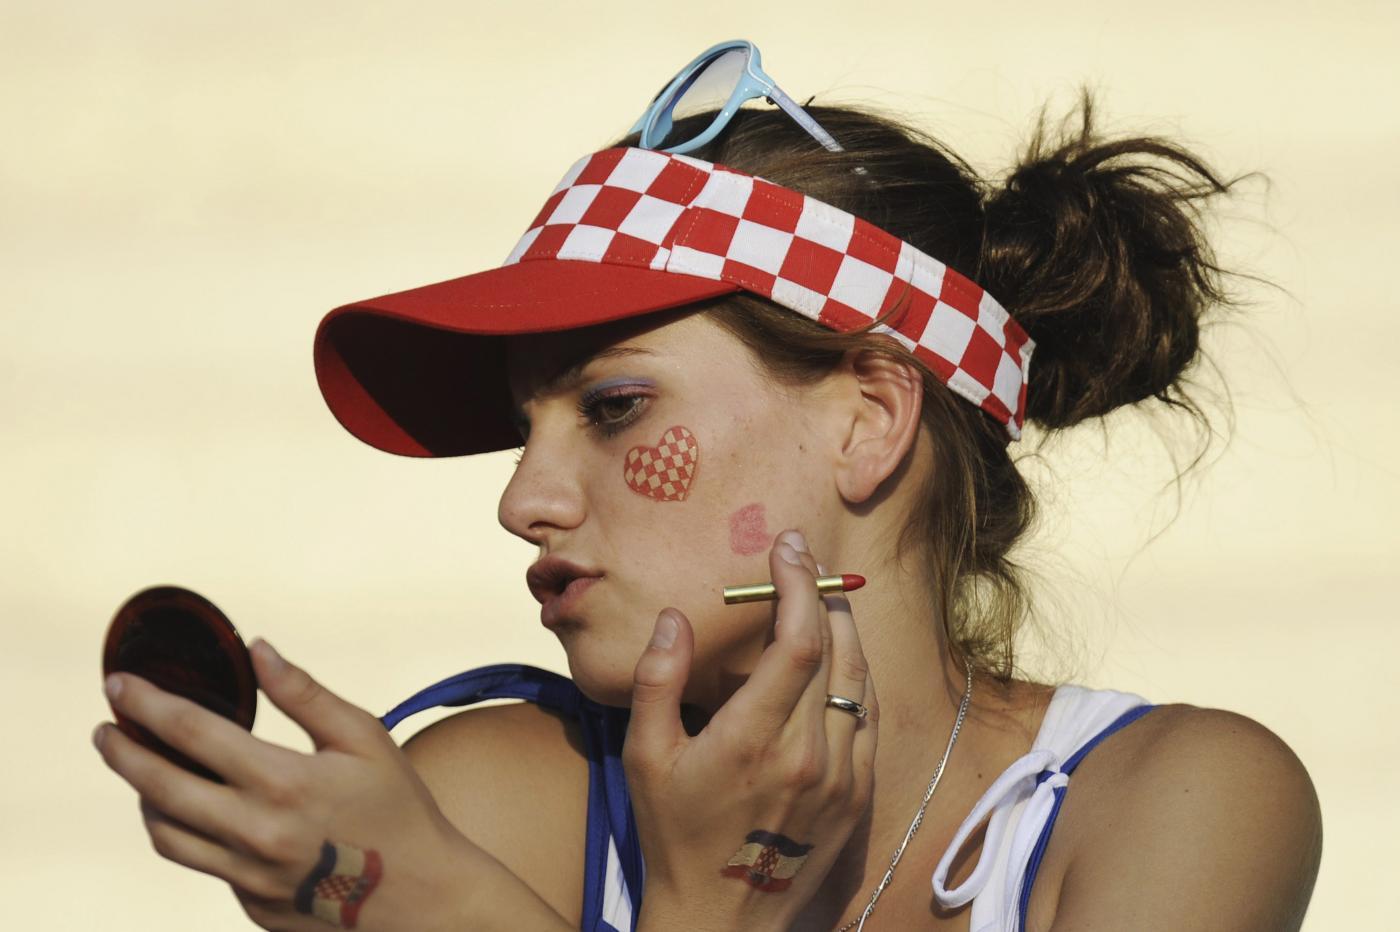 Supercoppa Croazia, Dinamo Zagabria-Rijeka sabato 13 luglio: analisi e pronostico della finale della Sueprcoppa croata